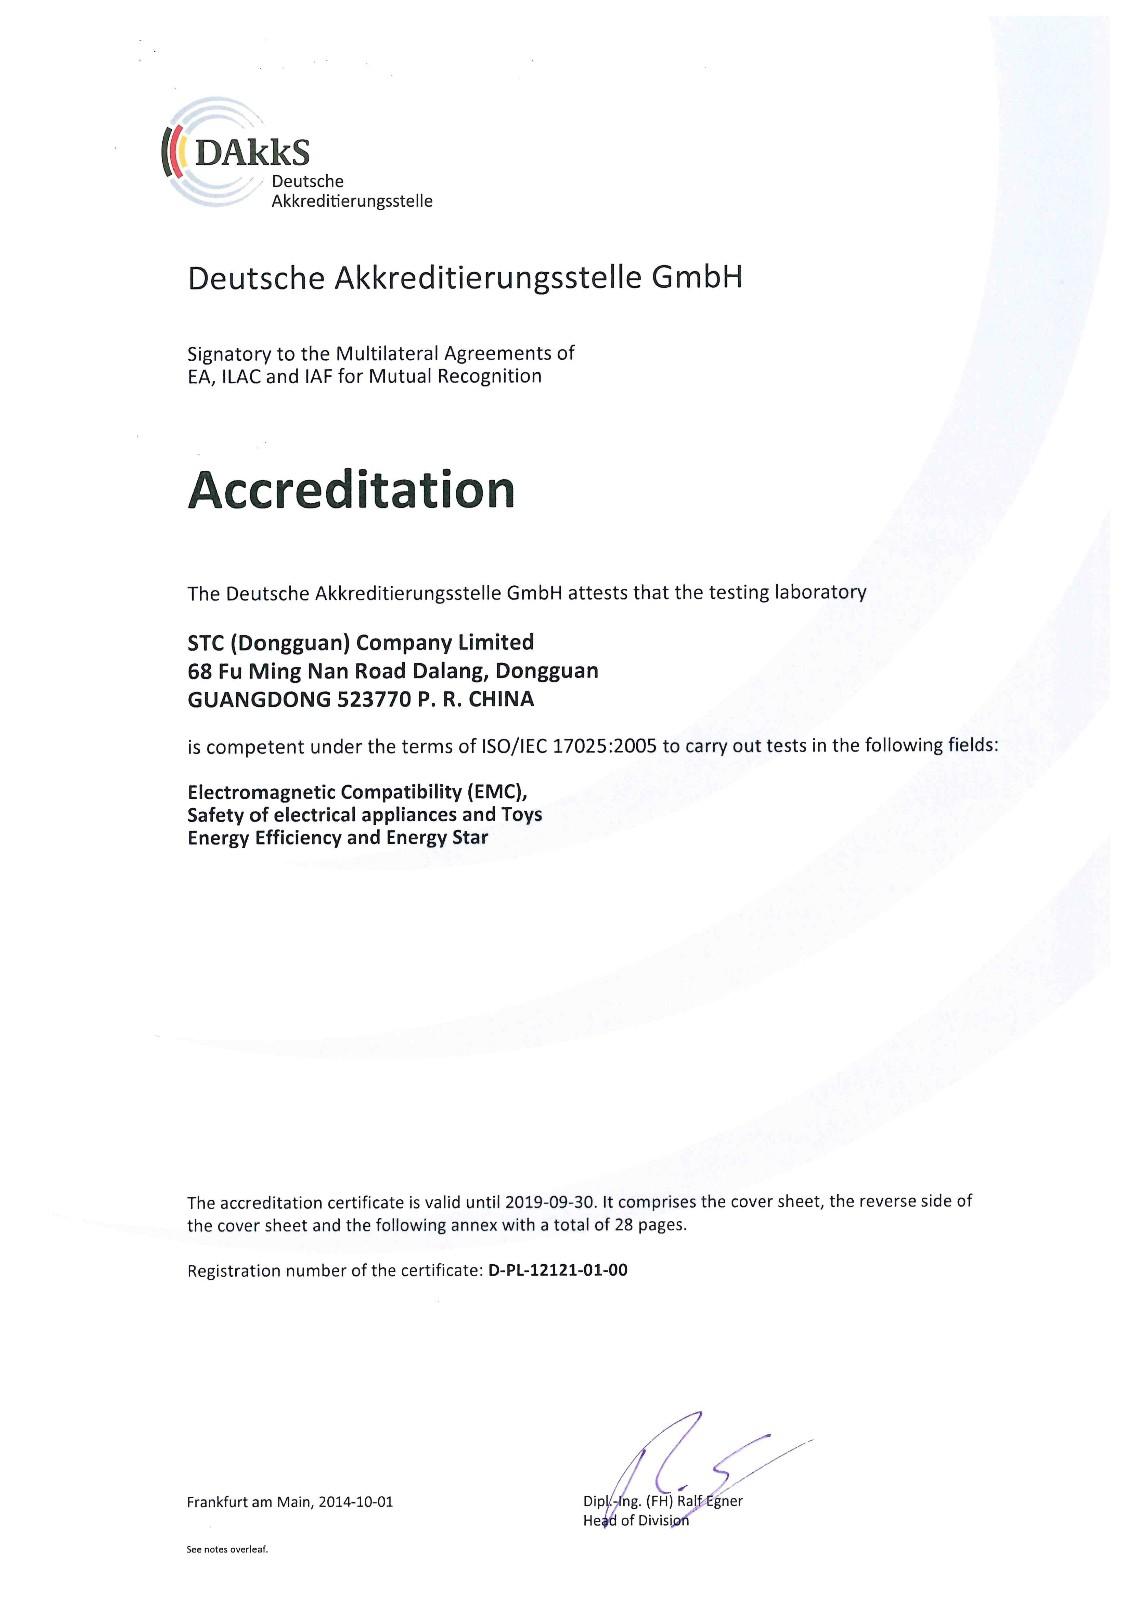 德国认可委员会( DAkkS )